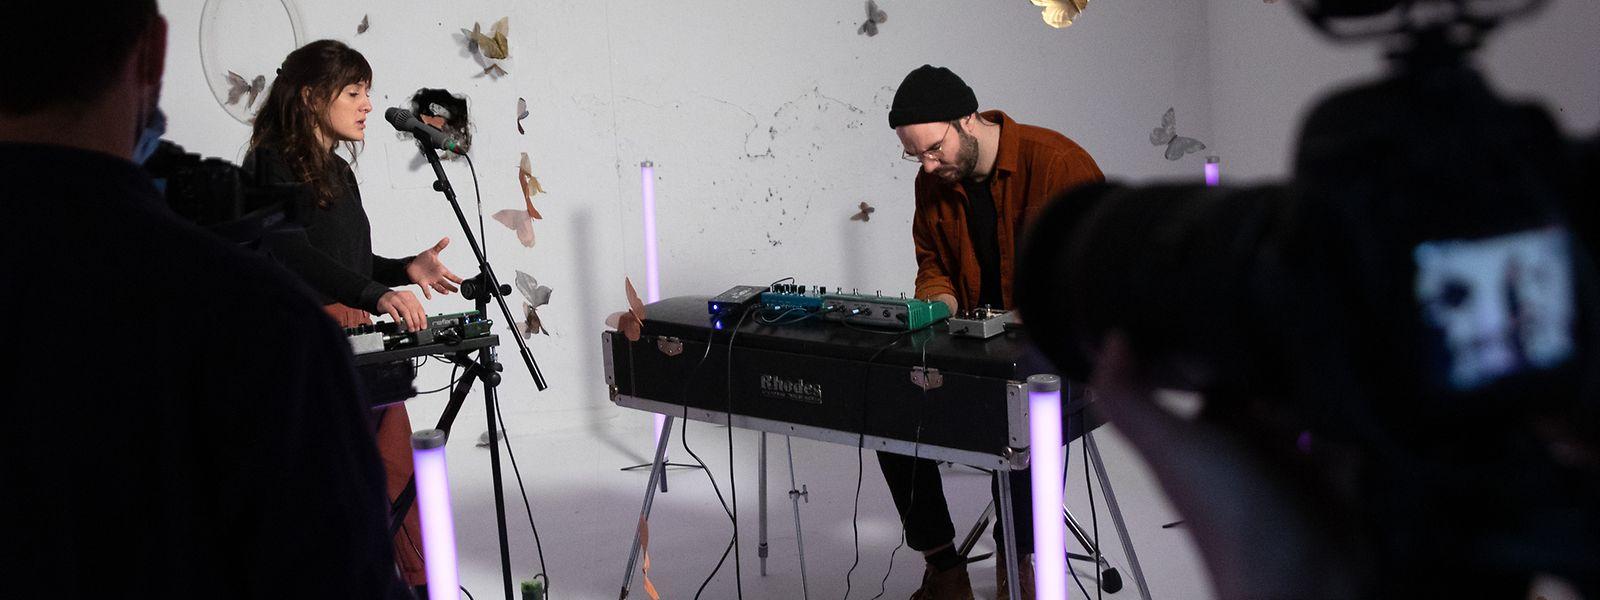 Claire Parsons et Jérôme Klein ont élu domicile le temps de l'enregistrement de trois chansons au Bâtiment IV du domaine Schlassgoart d'Esch-sur-Alzette.